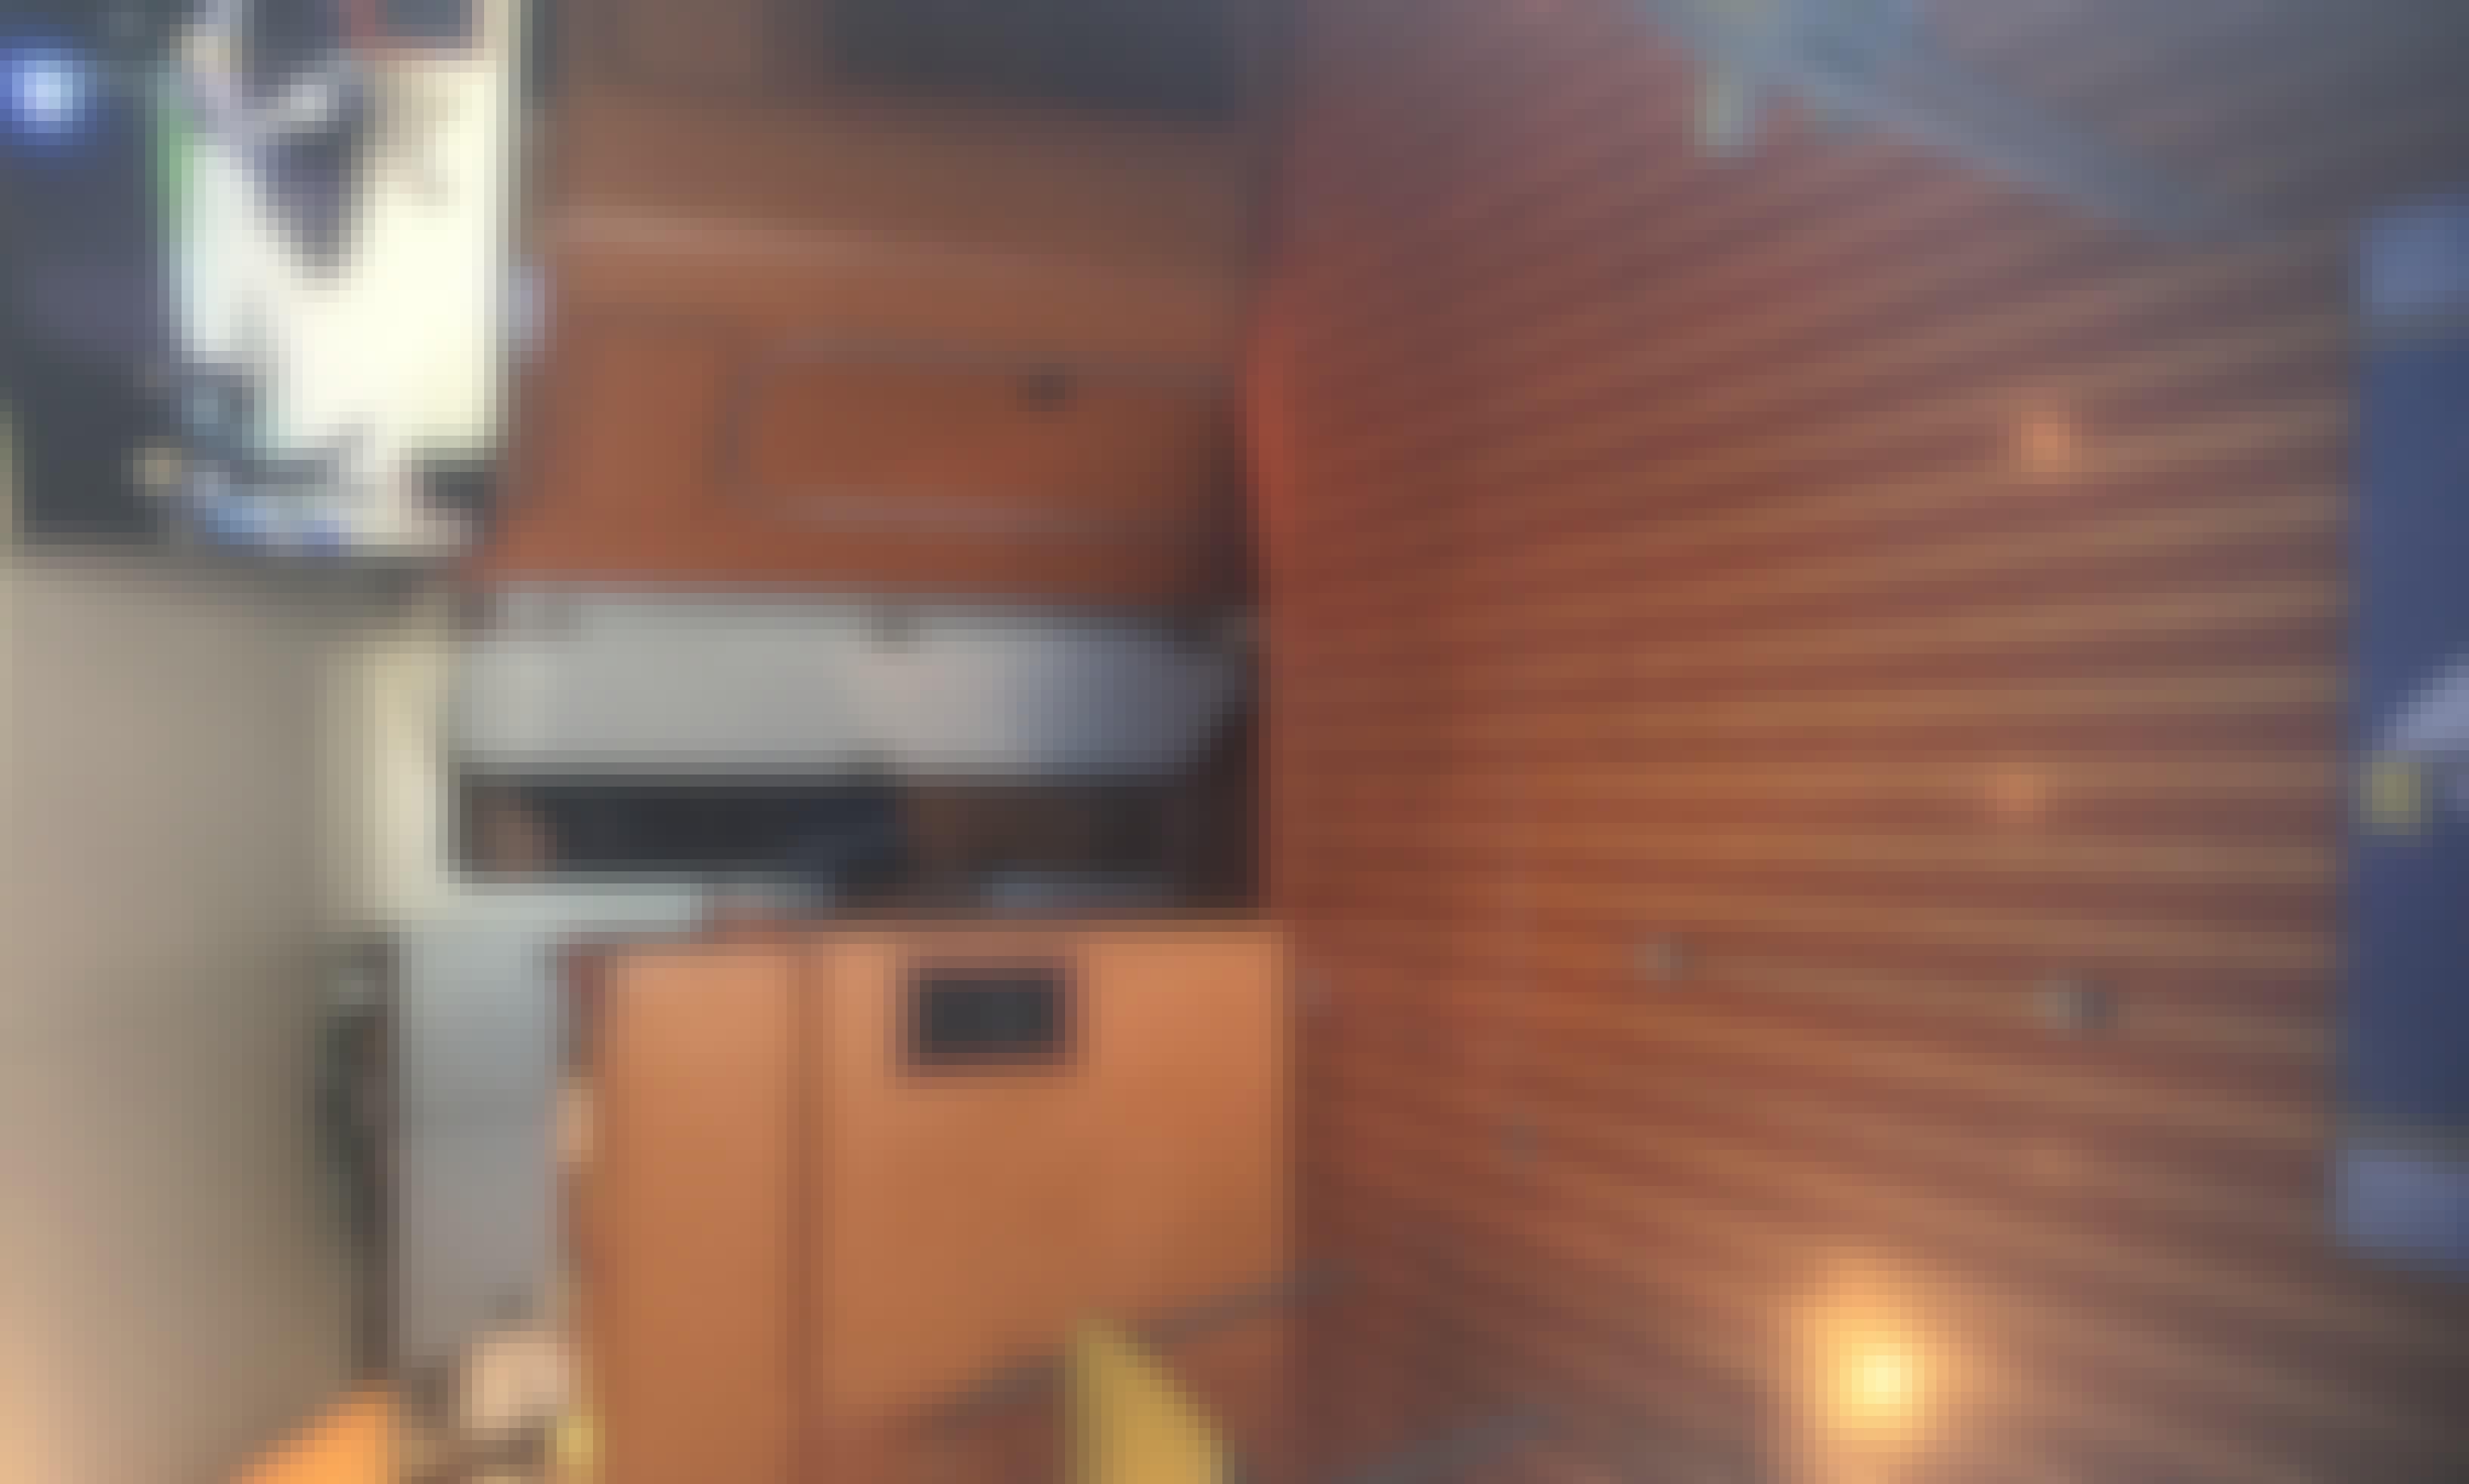 Motor Yacht rental in Miami with Jetski